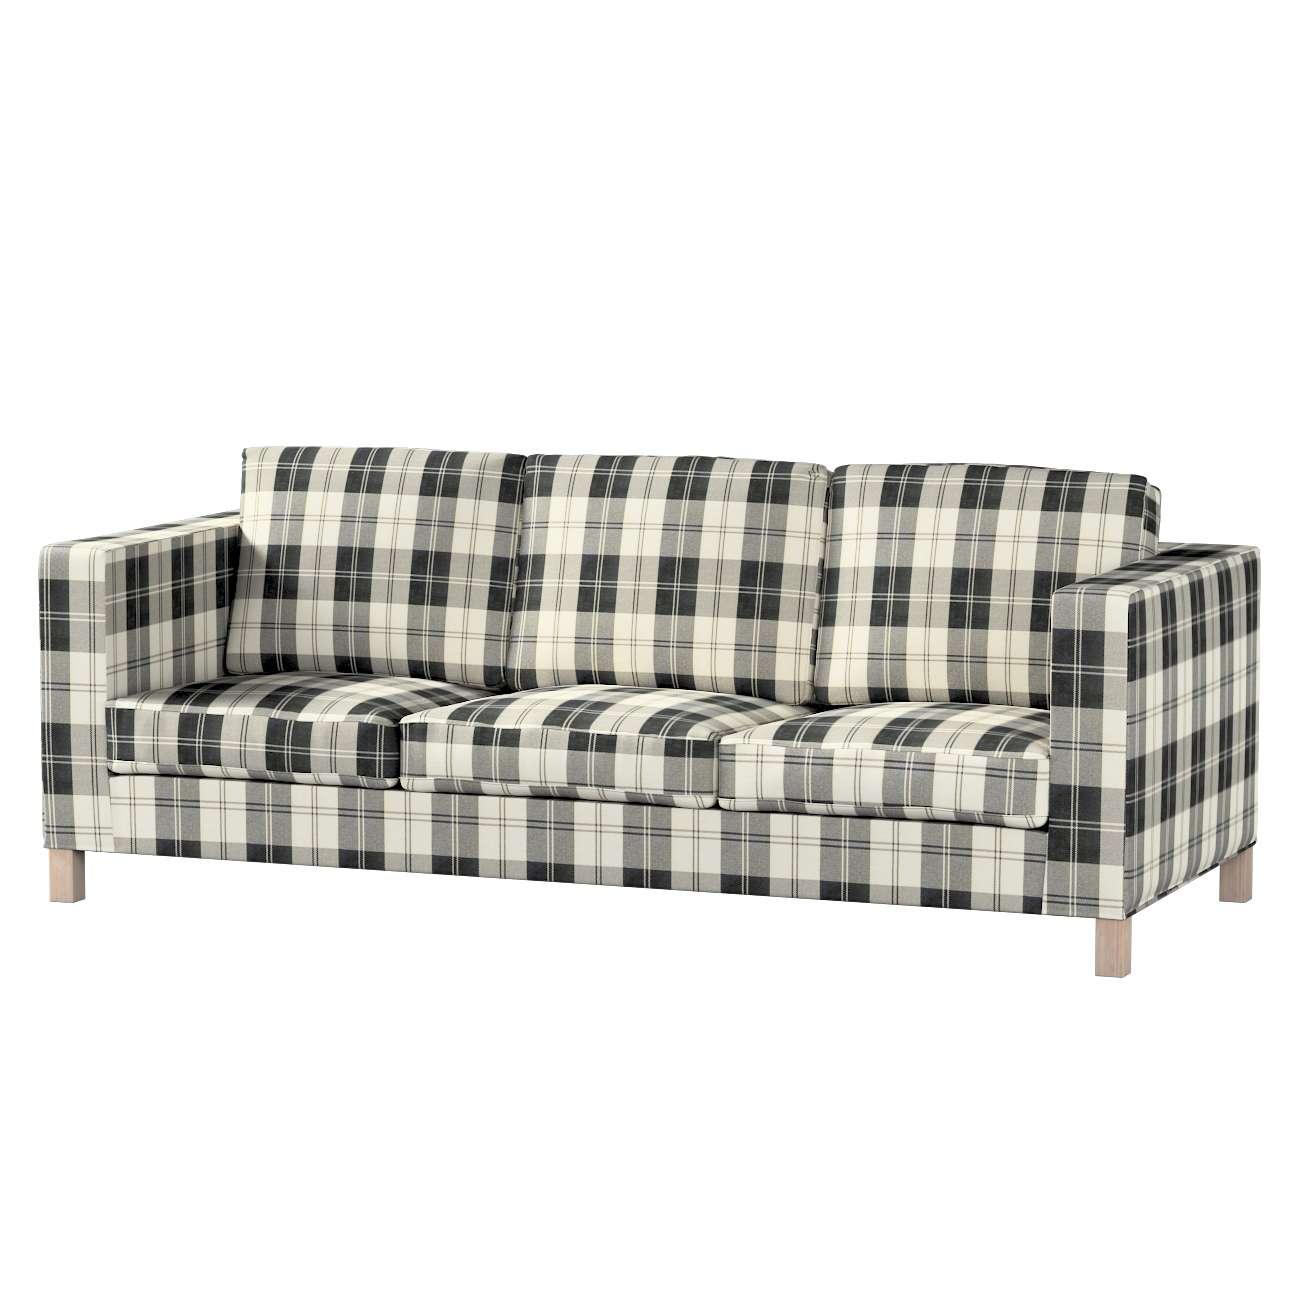 Bezug für Karlanda 3-Sitzer Sofa nicht ausklappbar, kurz von der Kollektion Edinburgh , Stoff: 115-74